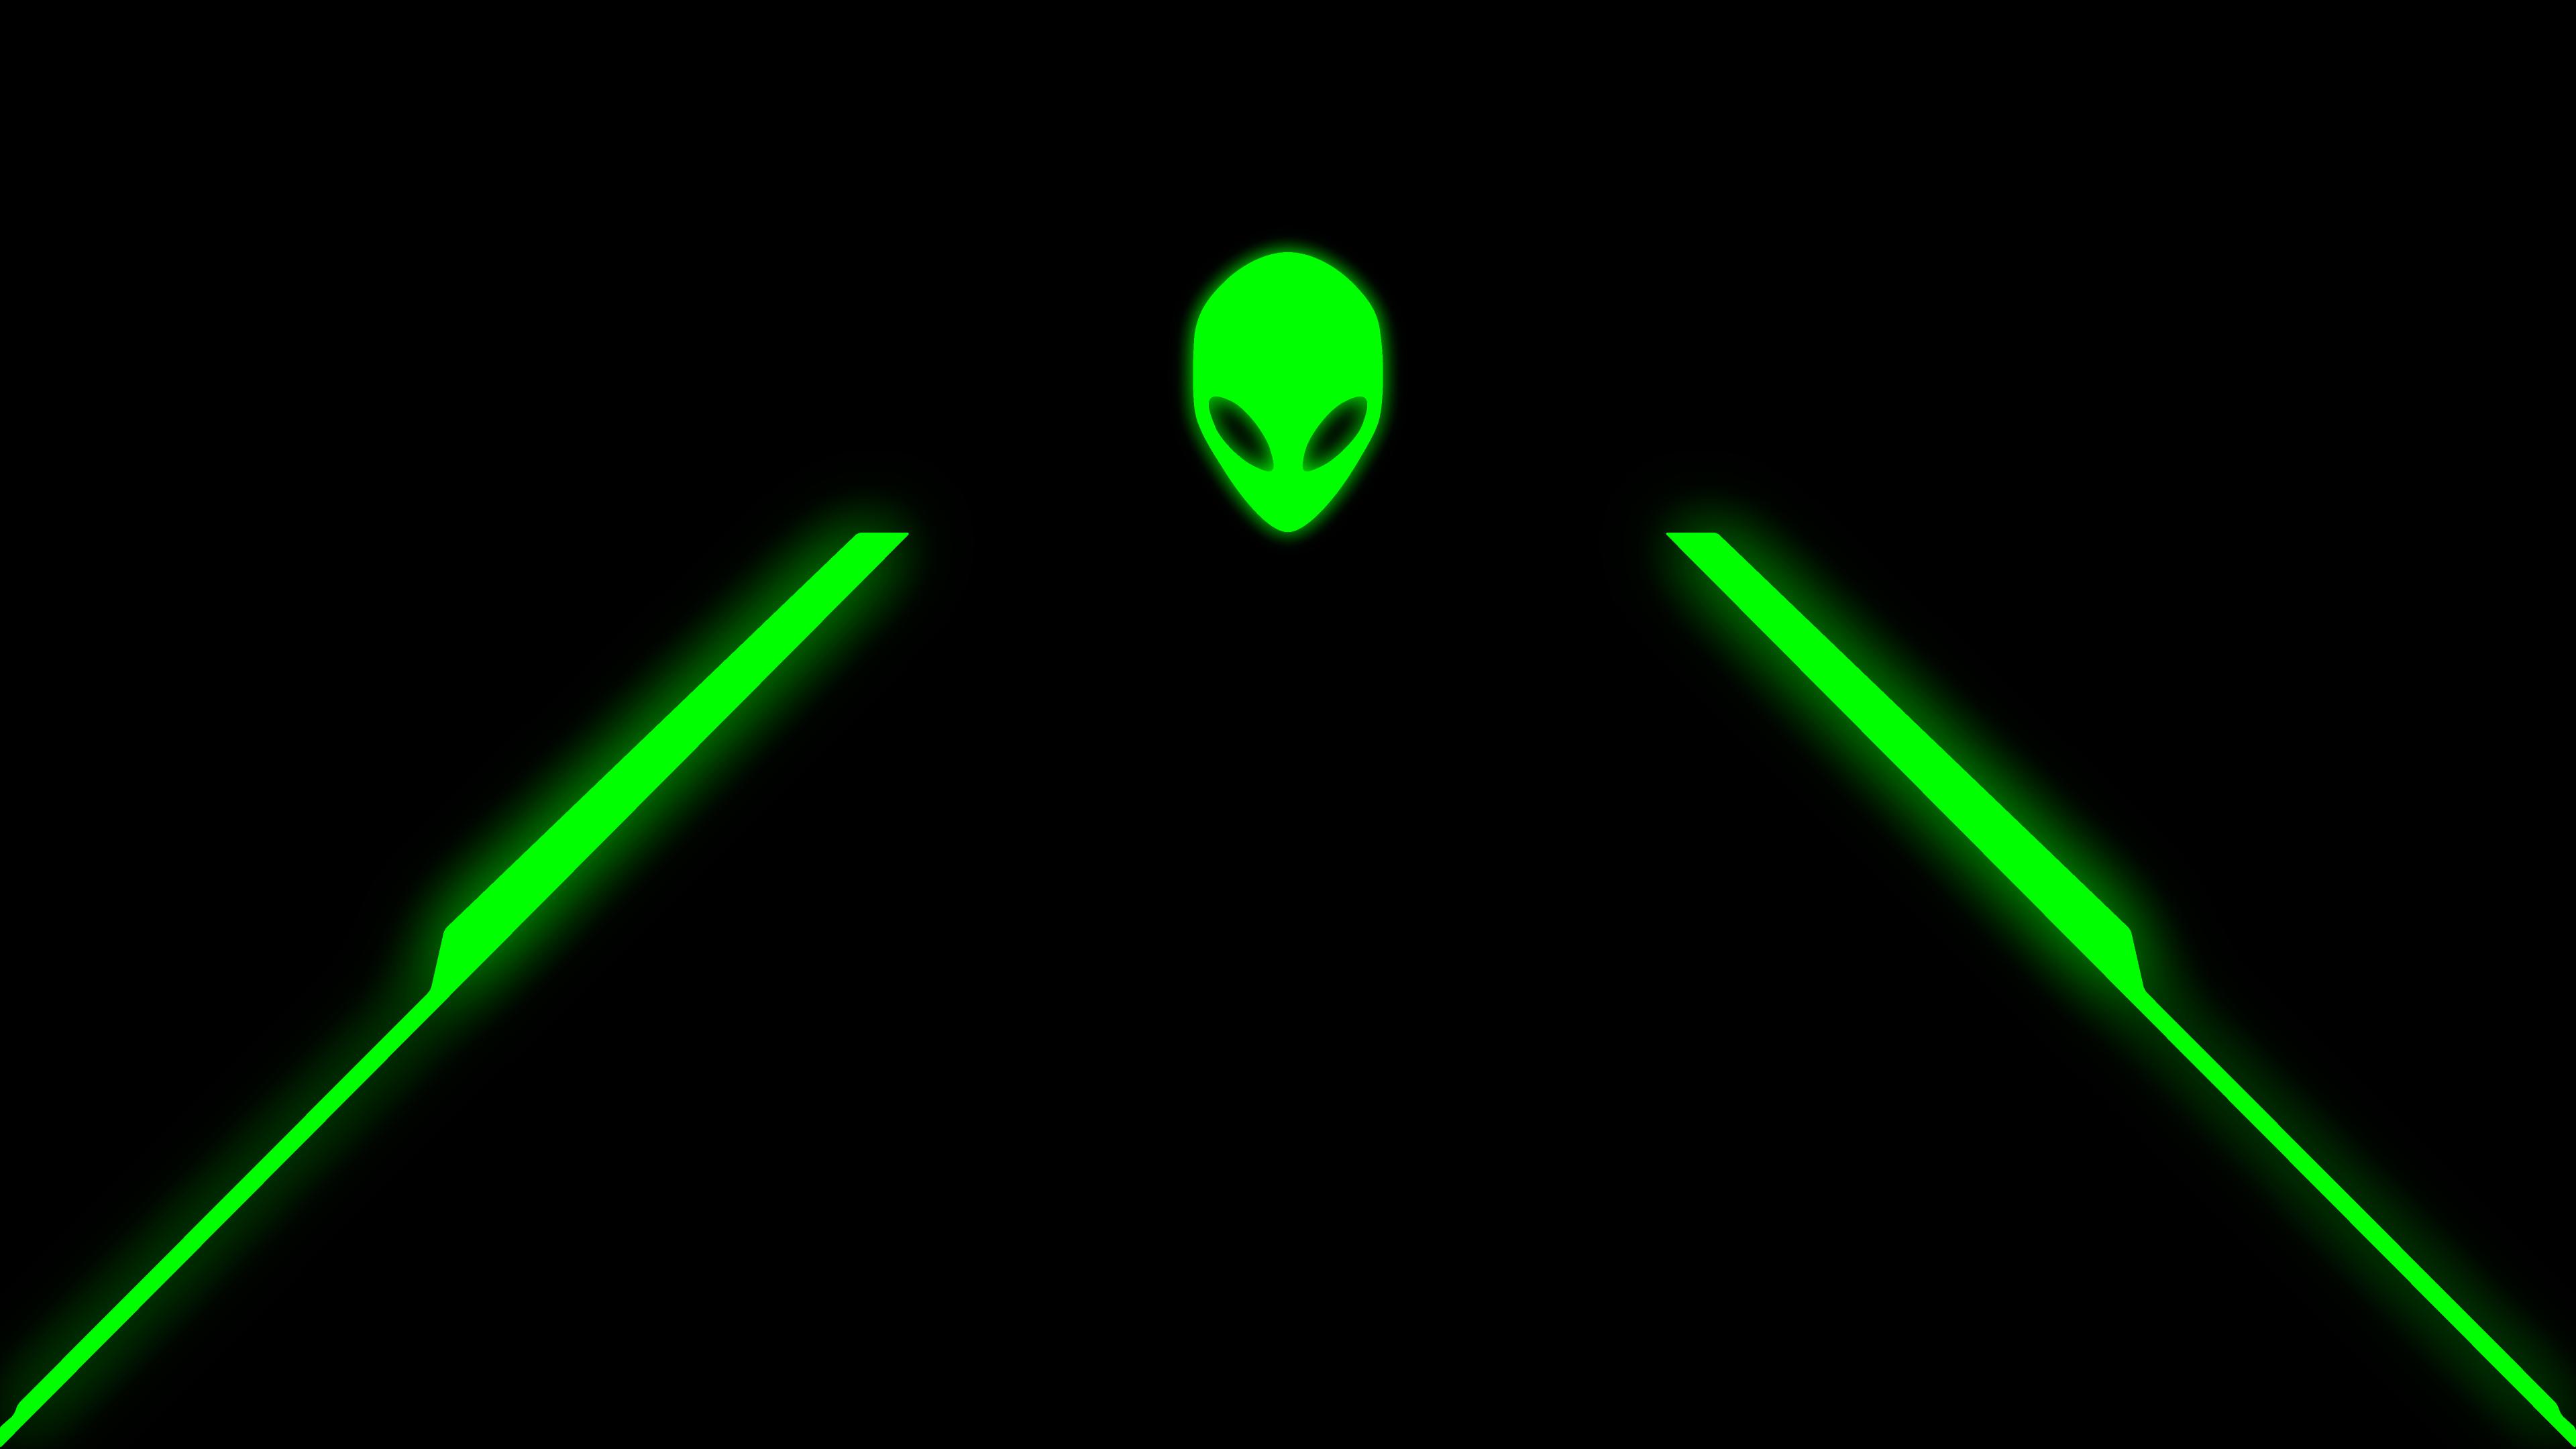 green alienware wallpaper 183��